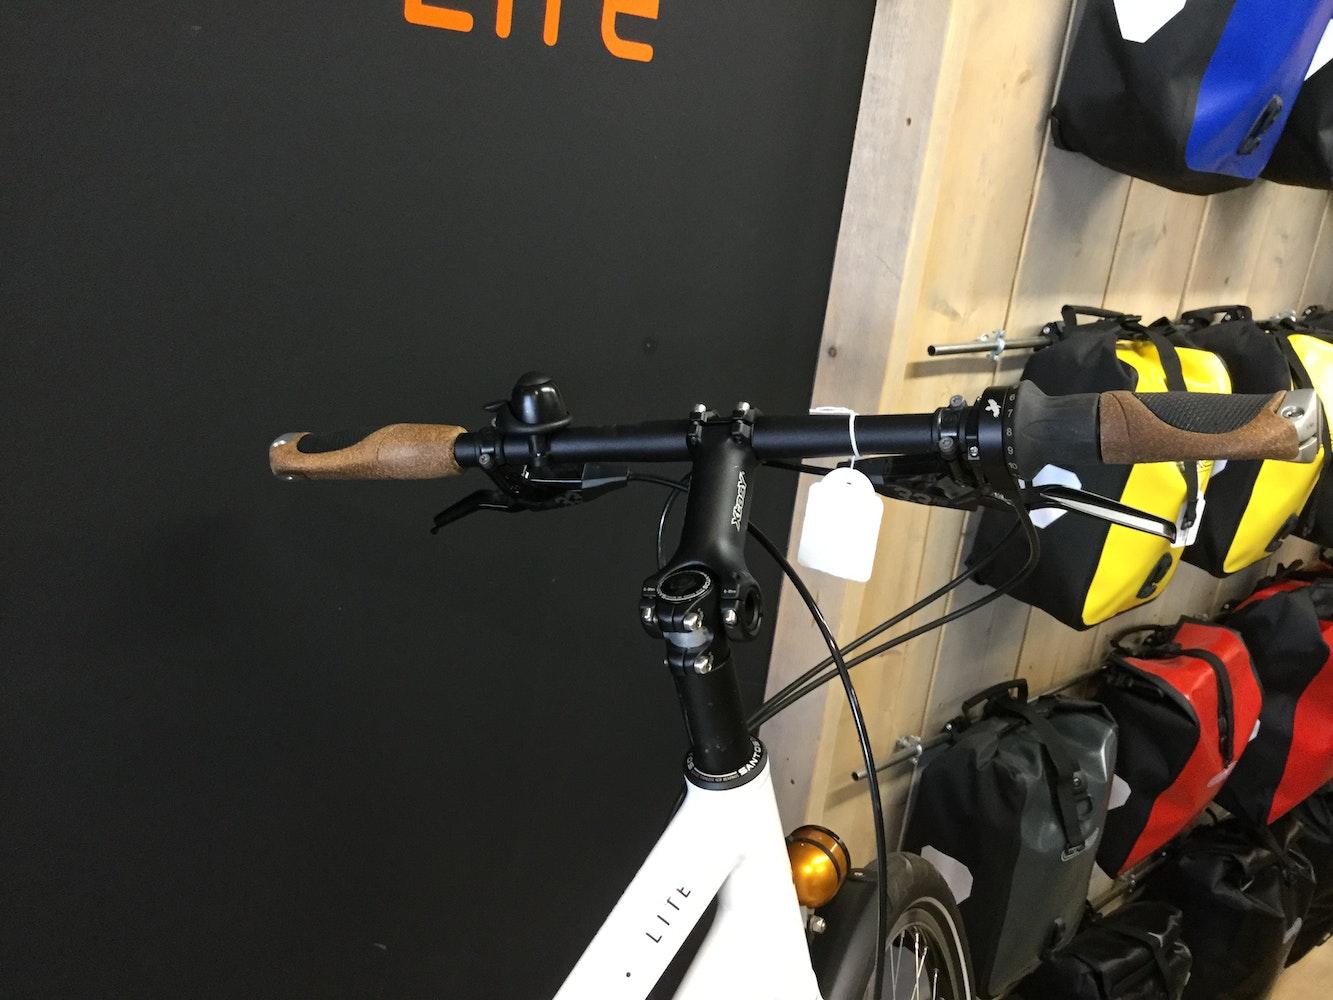 c60530afdc6 Santos travel lite 2019 | 2288235 | BikeExchange.nl